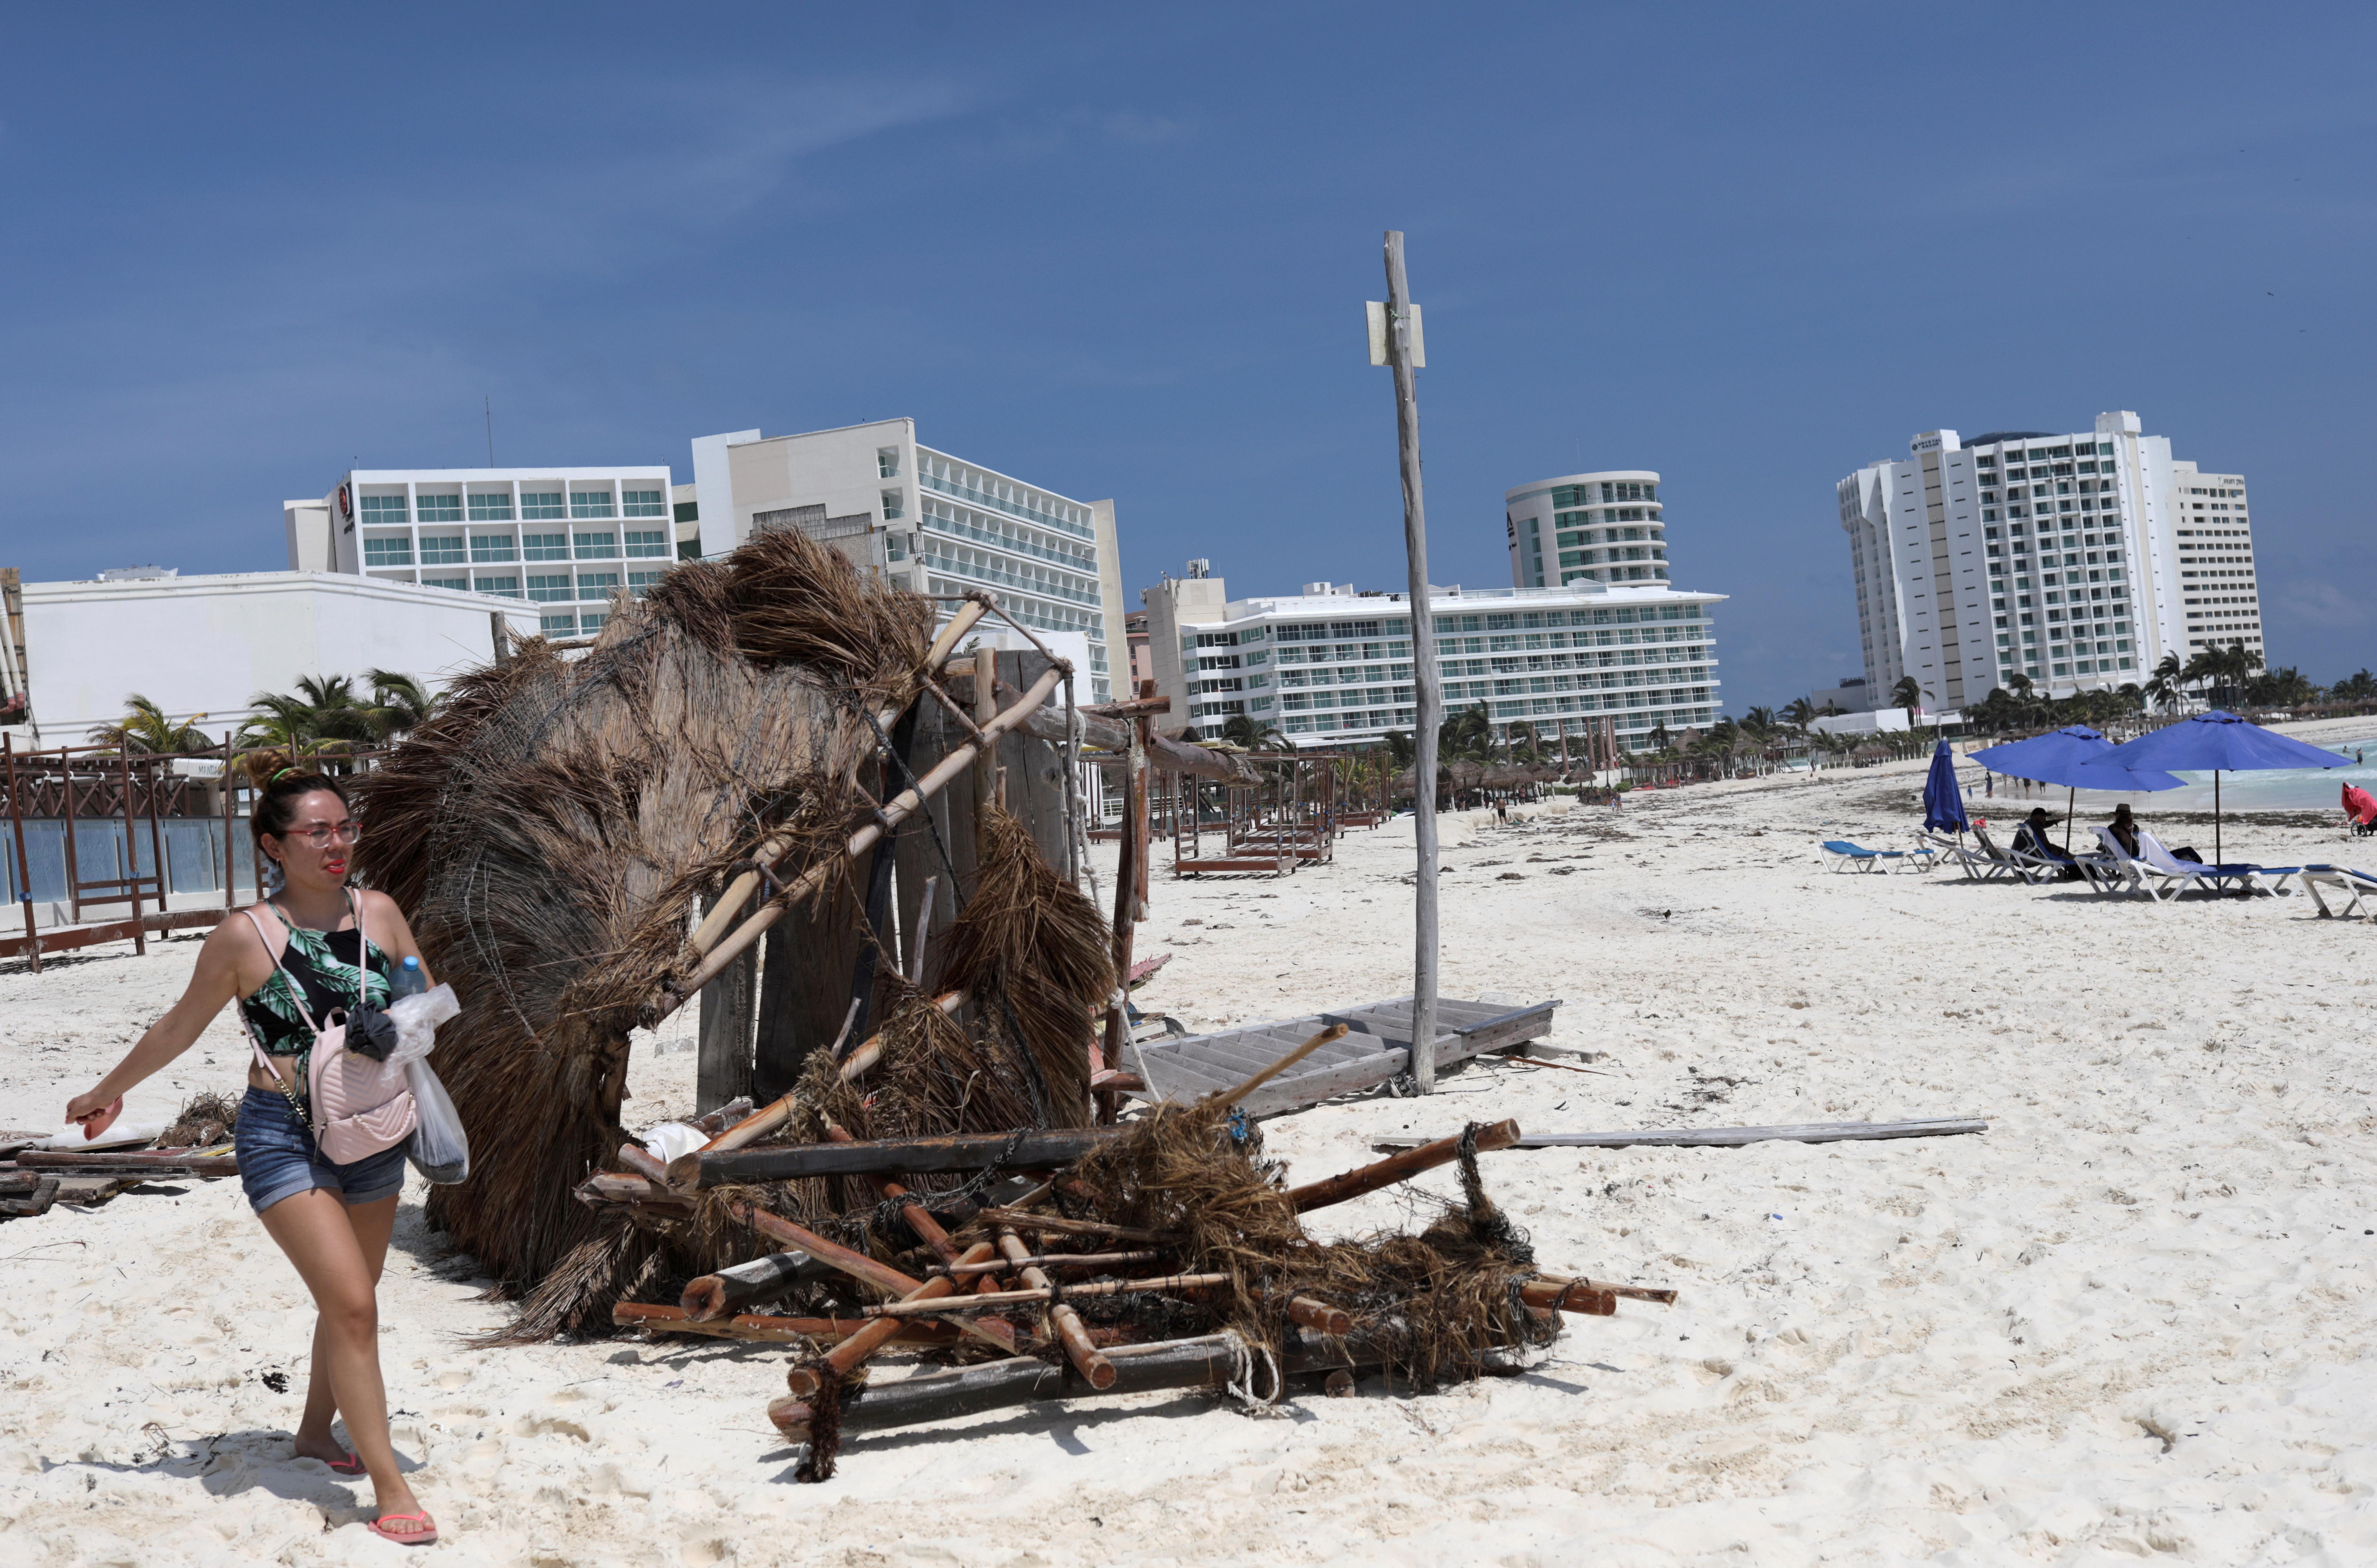 Se ven turistas en la playa después del huracán Delta en Cancún, México, el 8 de octubre de 2020.